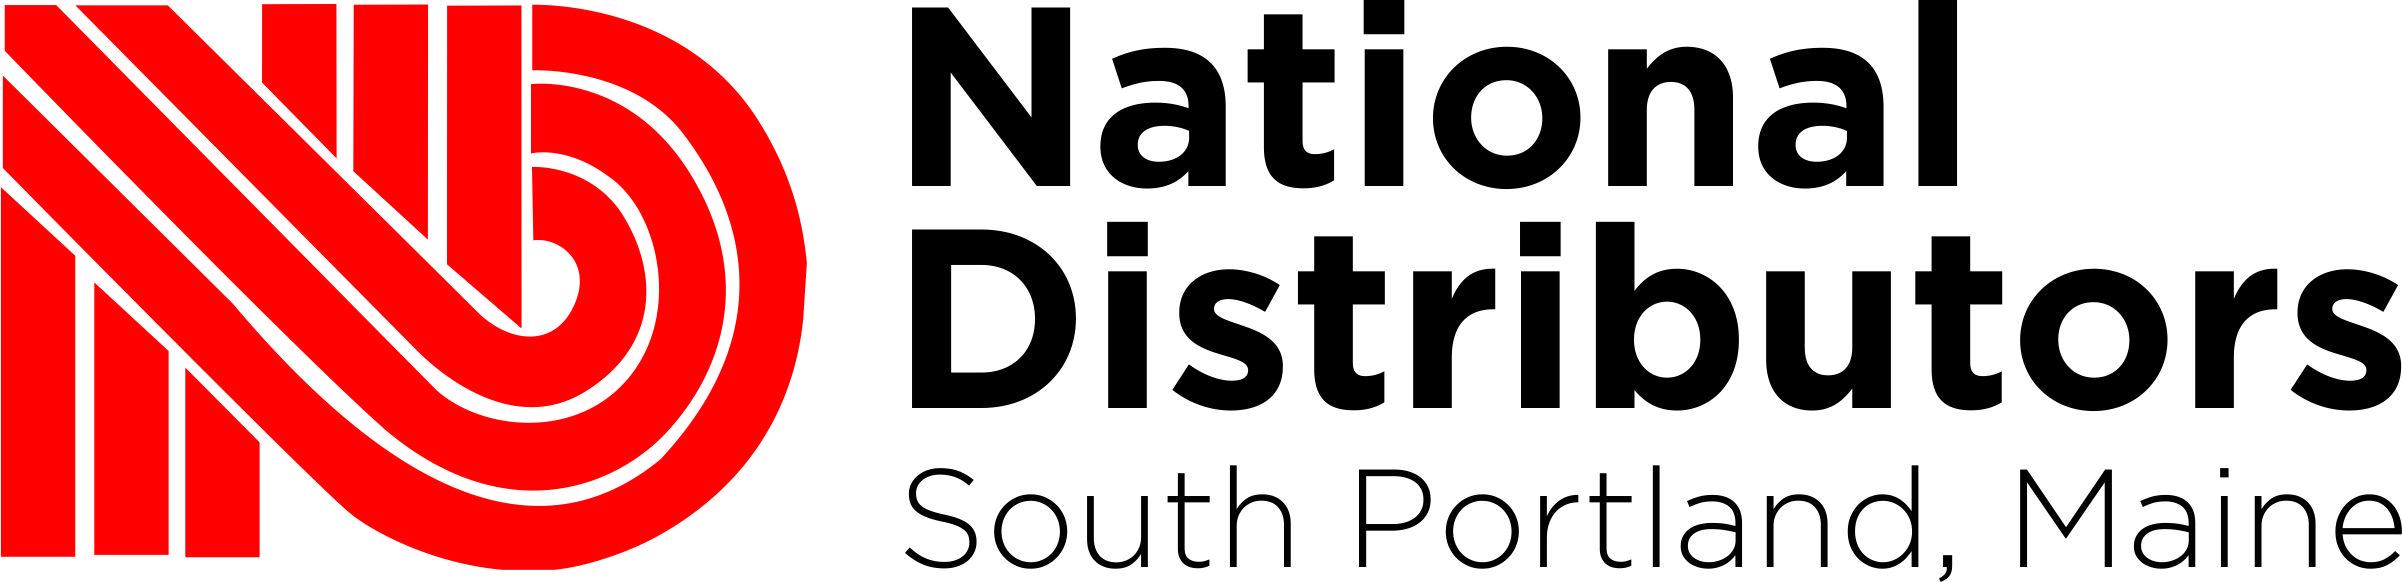 National Distributors logo